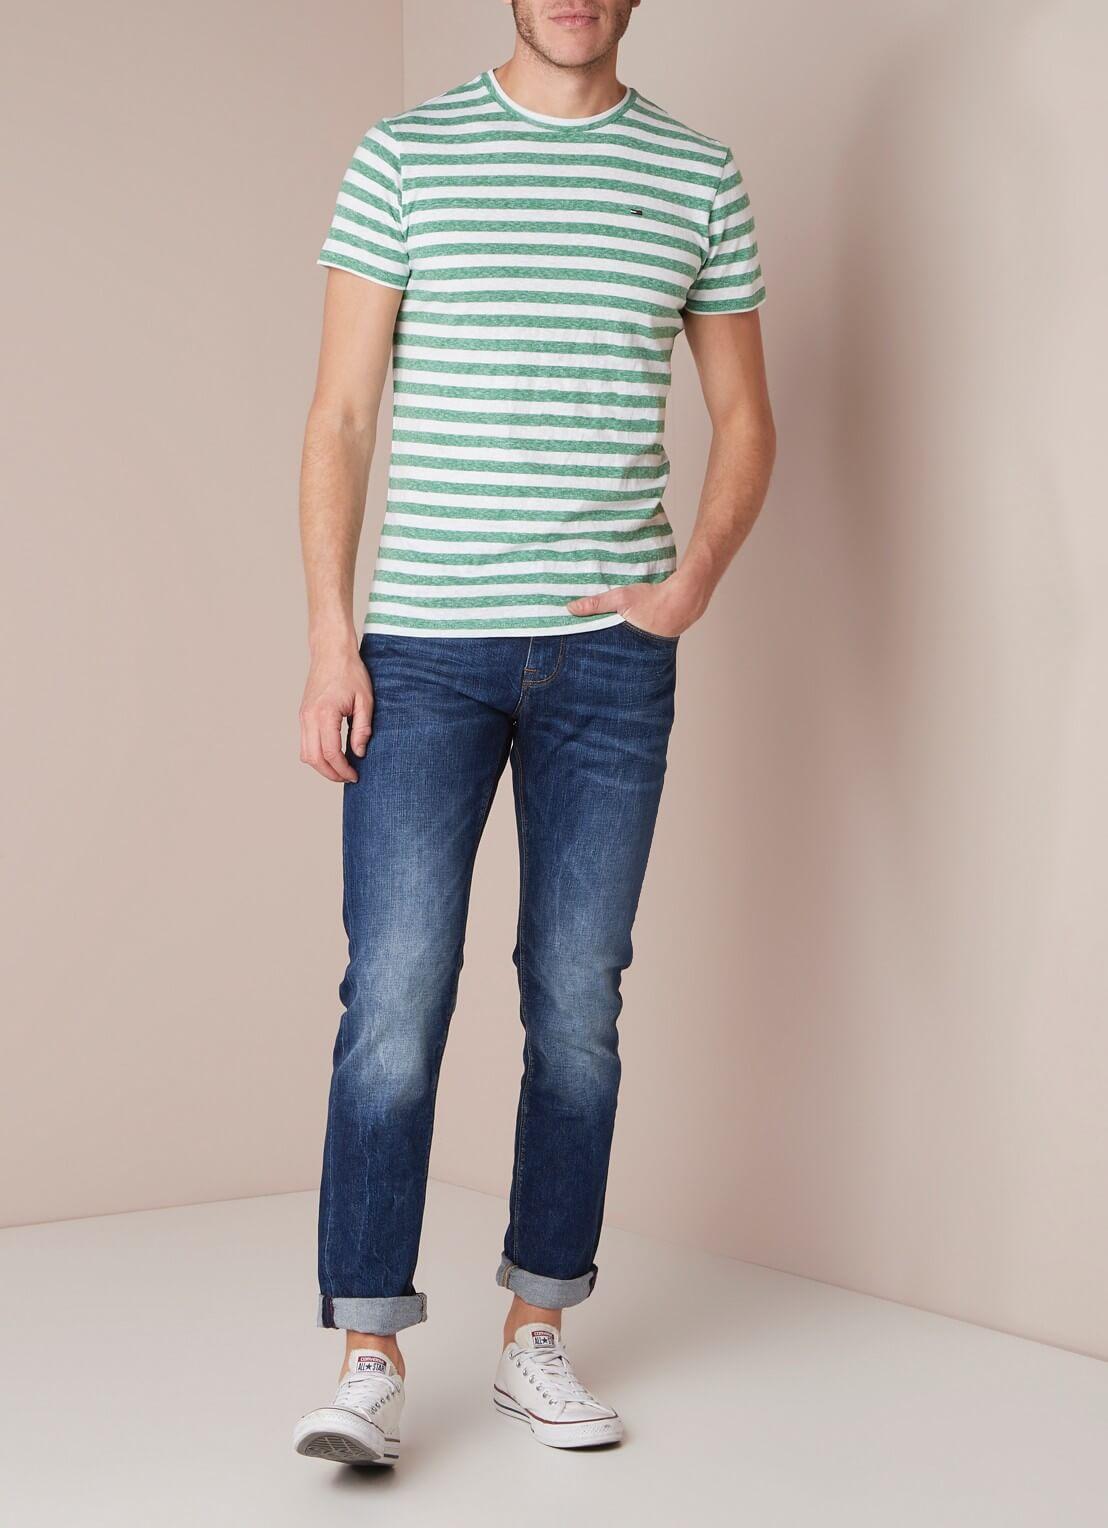 Mixed wear 2 - Mr.Draper